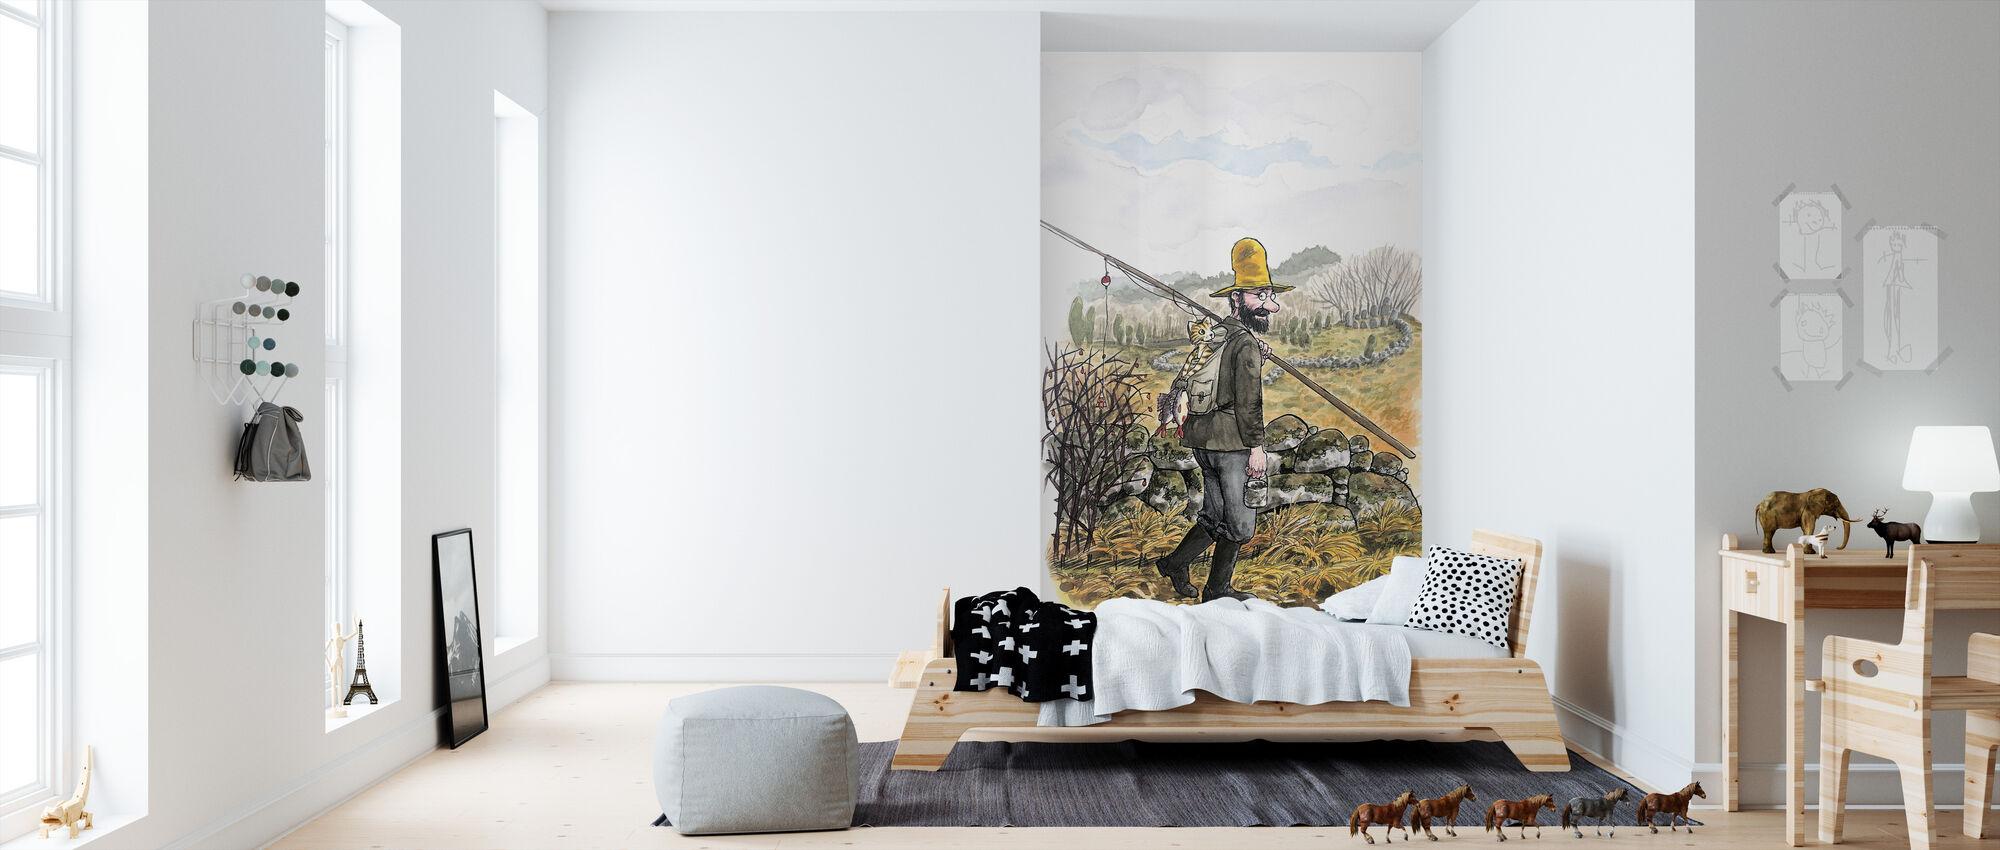 Pettson and Findus -Poor Pettson - Wallpaper - Kids Room